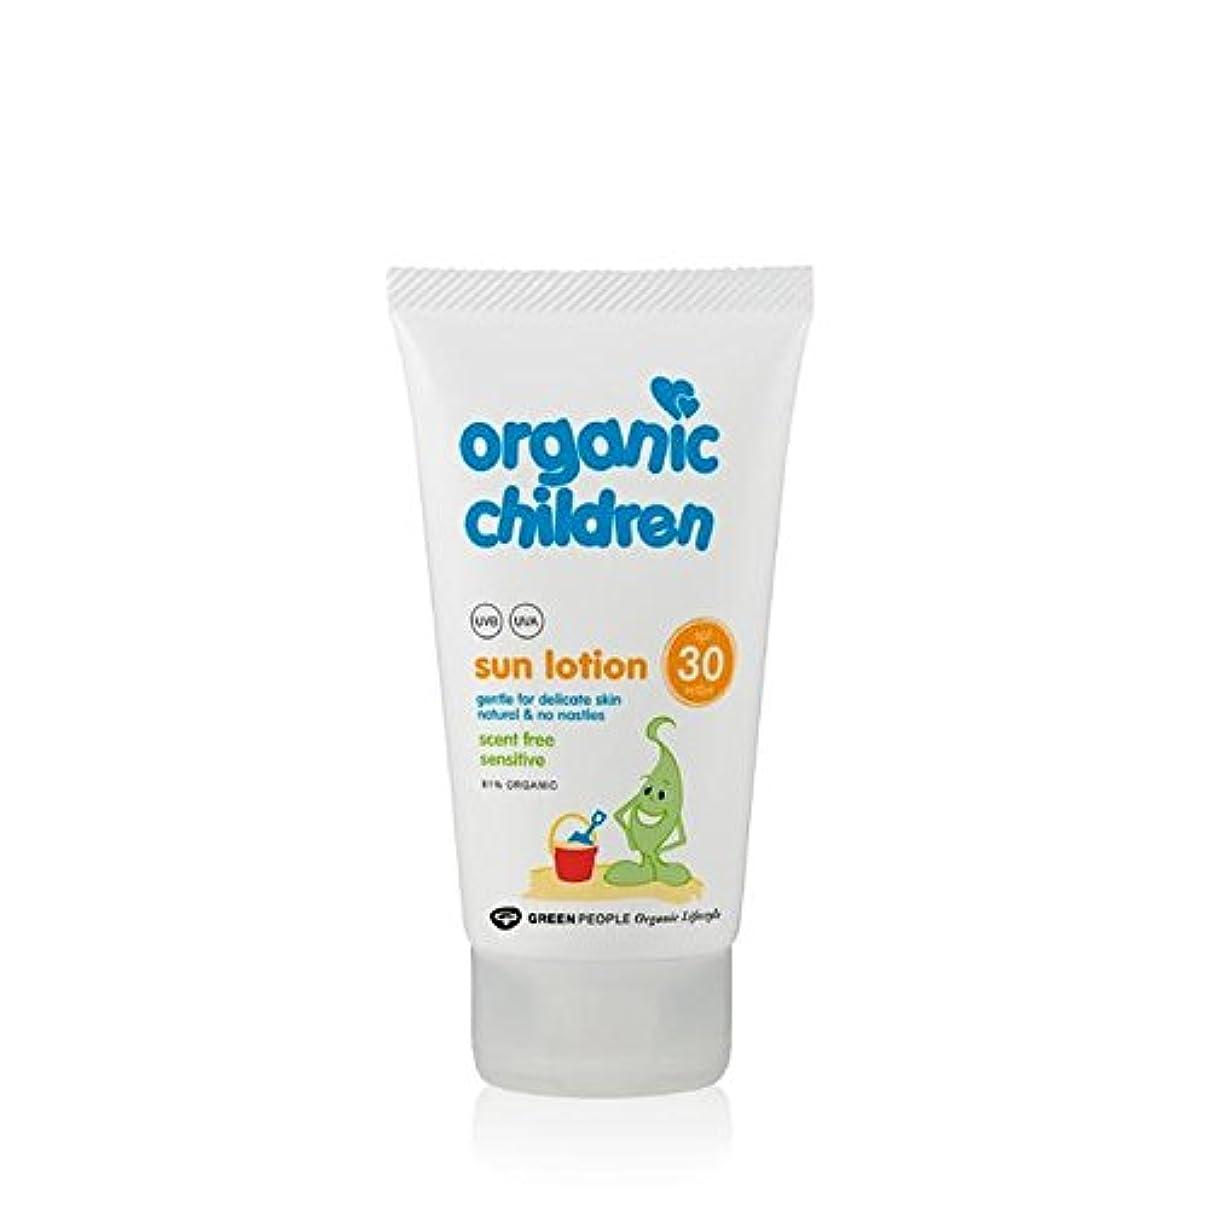 これまで改革妥協有機子ども30の香り無料のサンローション150 x4 - Organic Children SPF30 Scent Free Sun Lotion 150ml (Pack of 4) [並行輸入品]